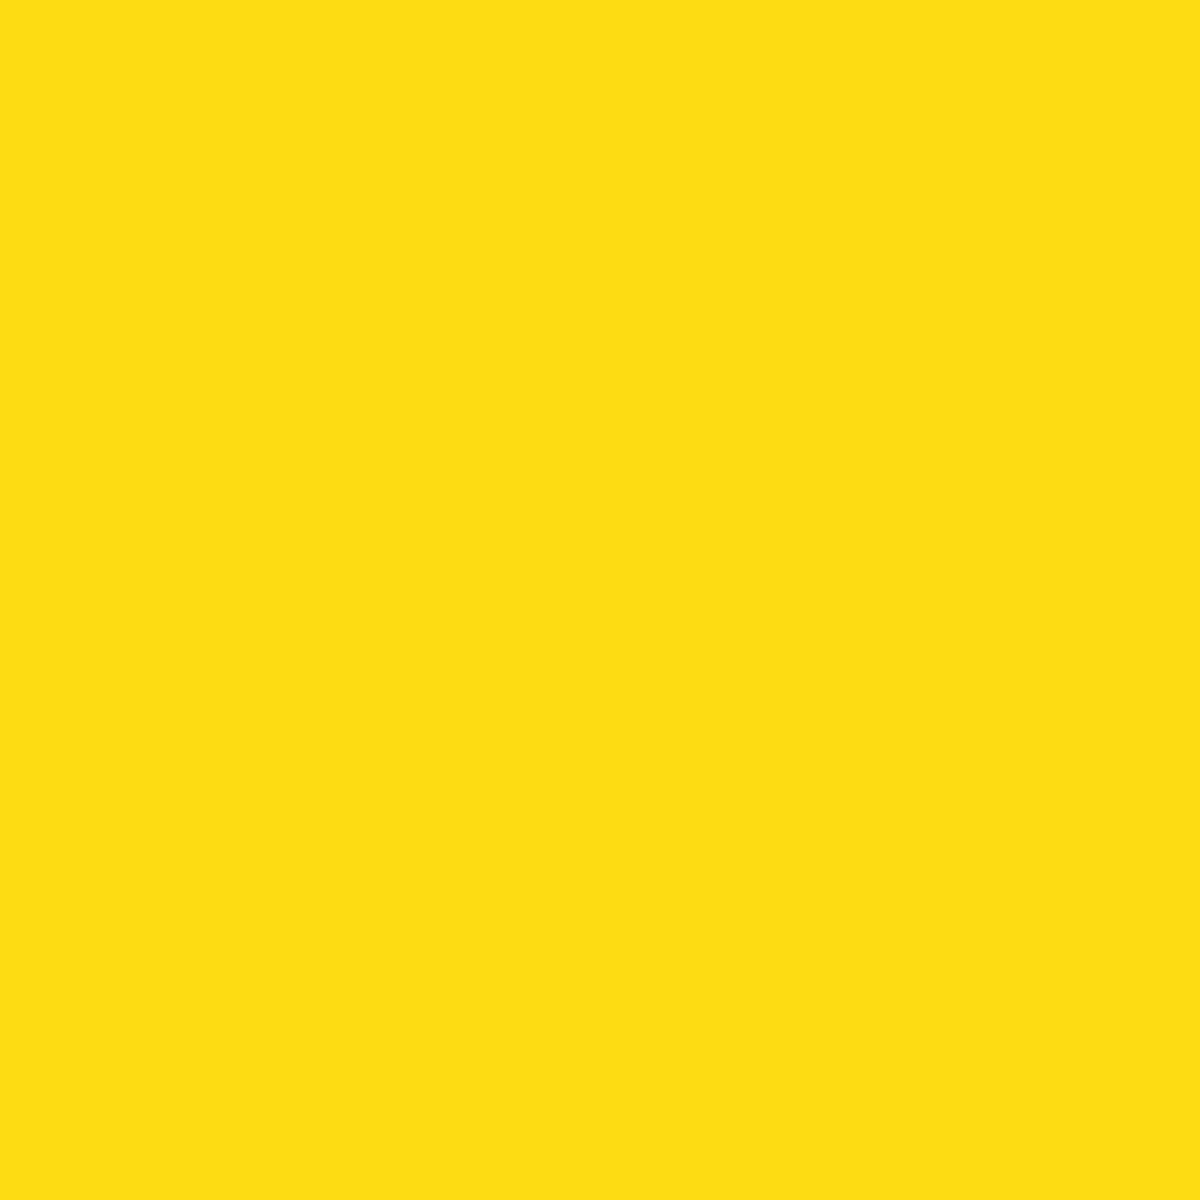 Sleeve für Silikonschläuche - Gelb